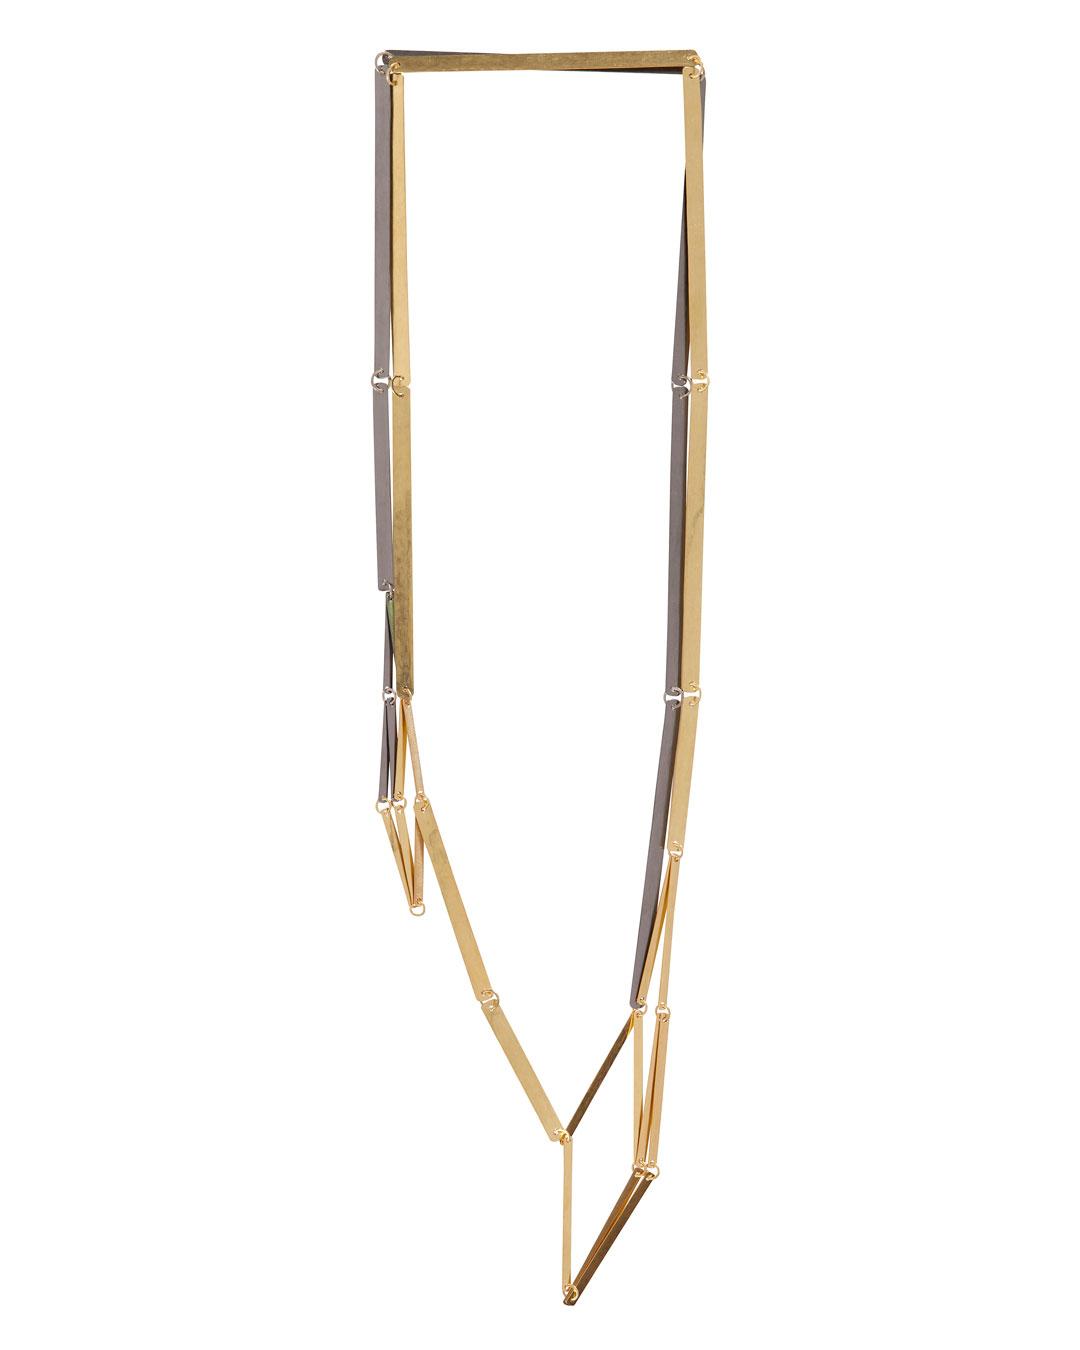 Annelies Planteijdt, Mooie stad – Collier en glaasjes (Mooie Stad - Halssieraad en Glazen), 2017, collier; goud, tantalium, pigment, 180 x 360 mm, €8875 (afbeelding 2/3)